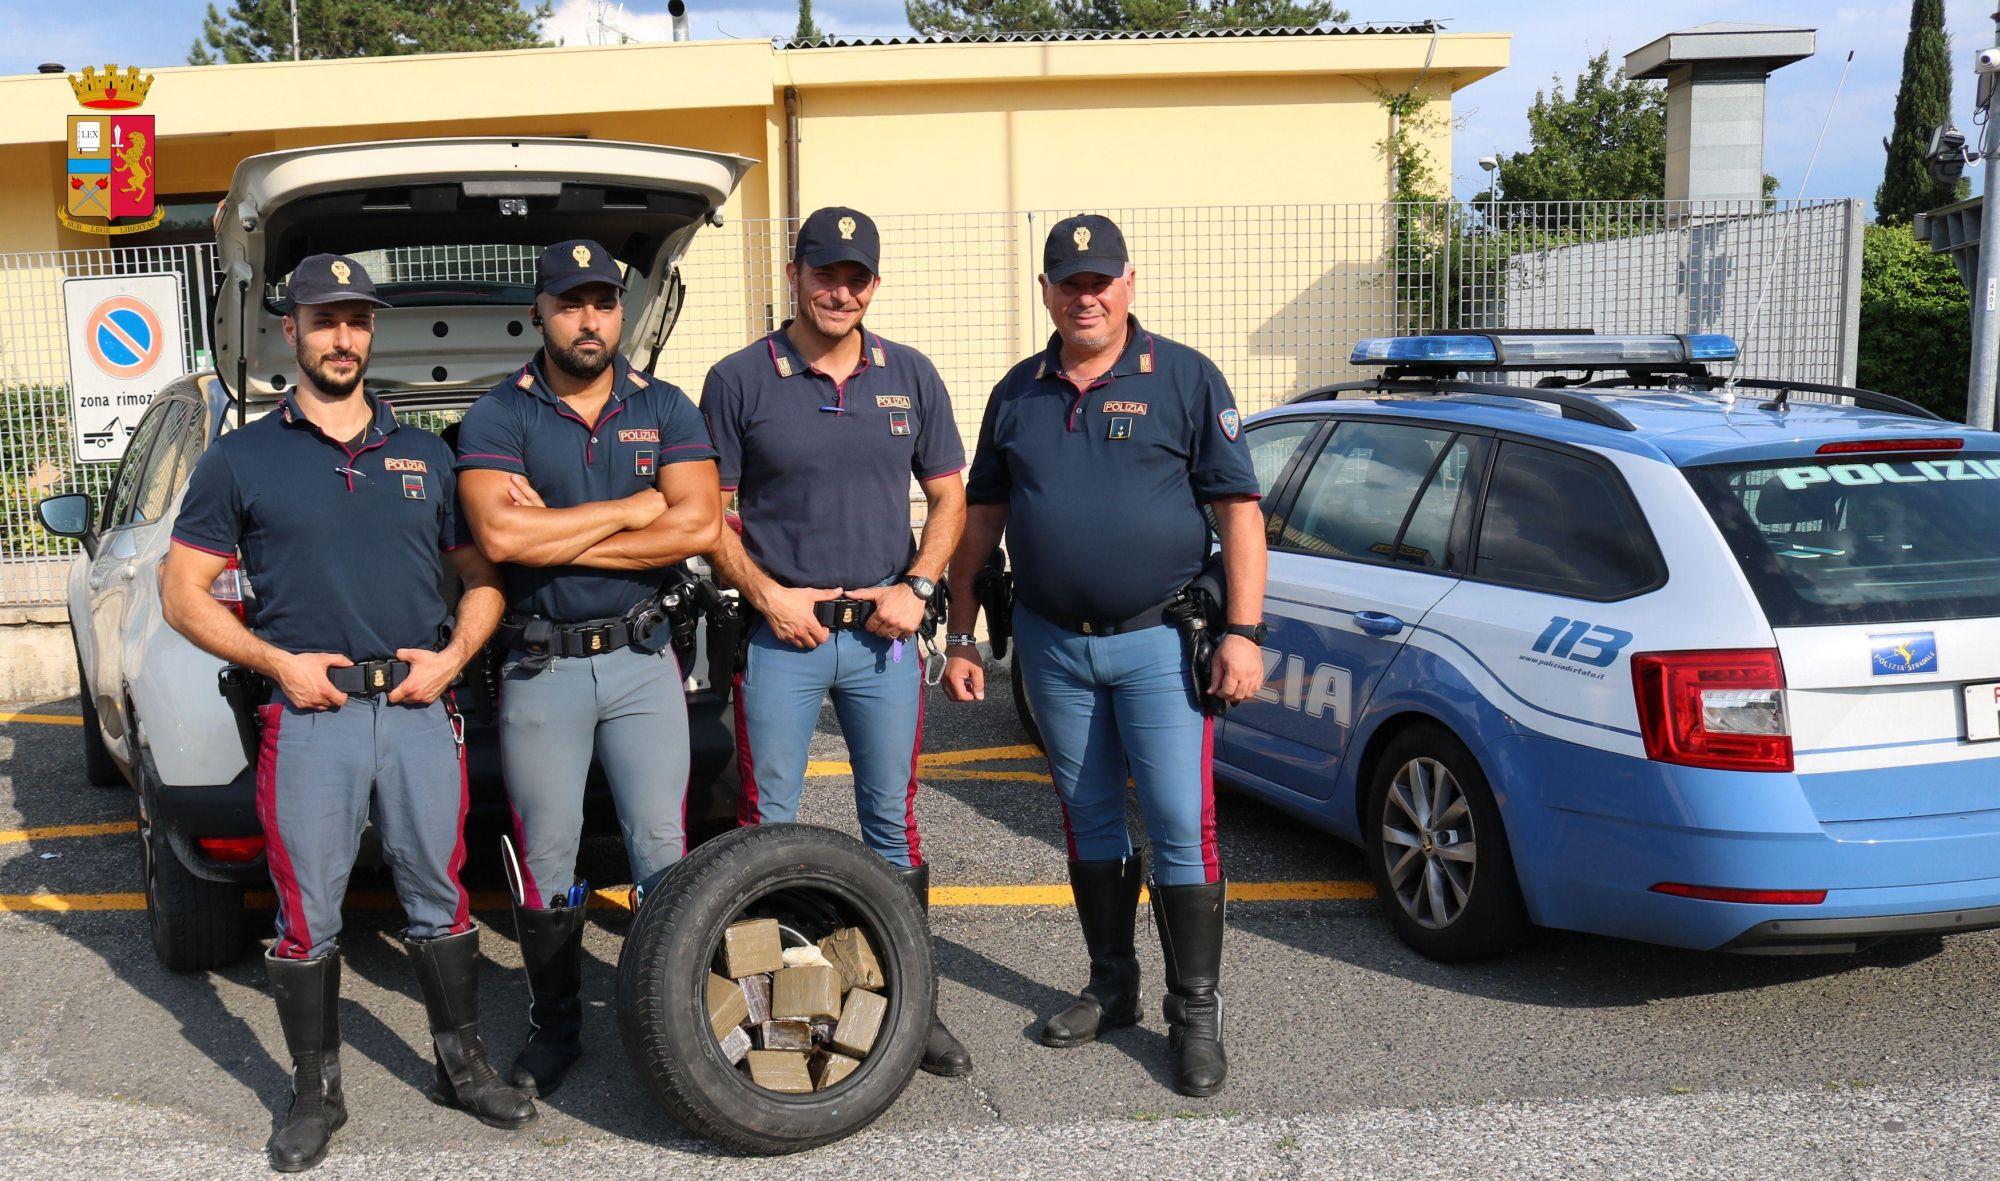 Beccato con oltre 10 chili di droga dentro la ruota di scorta per piazzarla nelle località turistiche della Versilia: arrestato 45enne